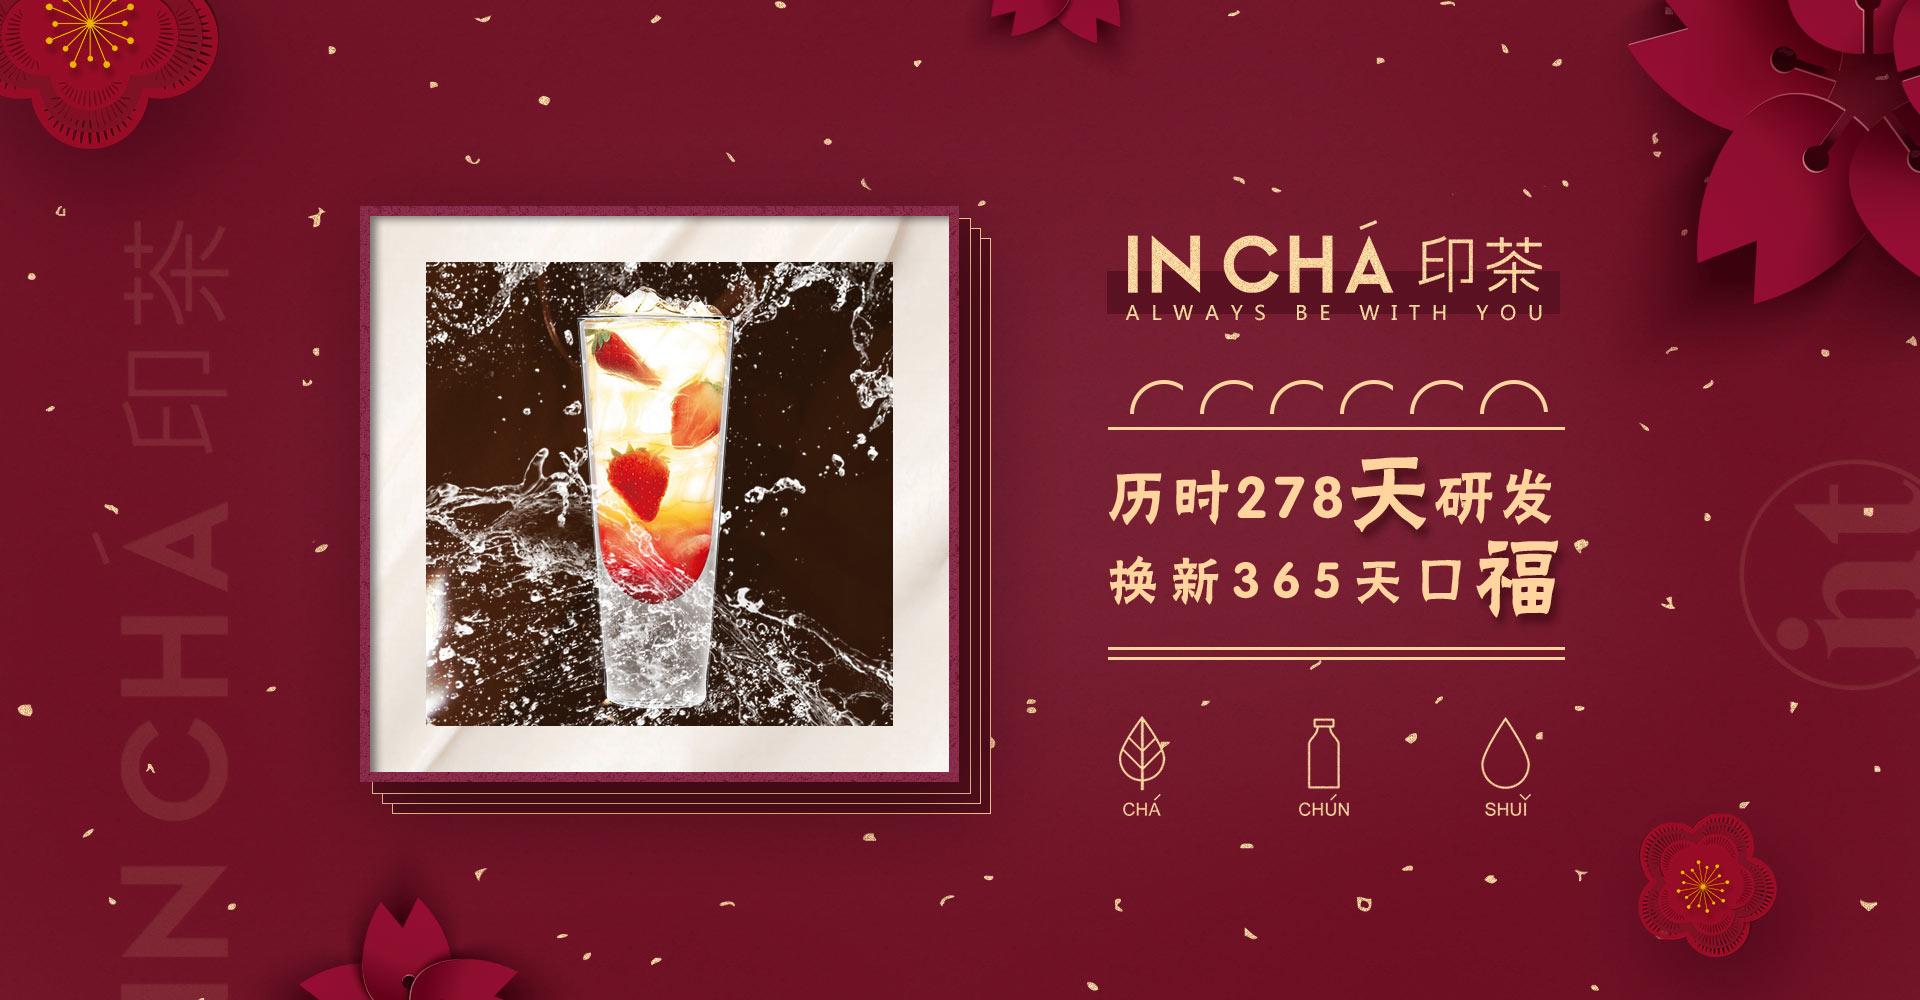 INCHA,印茶奶茶